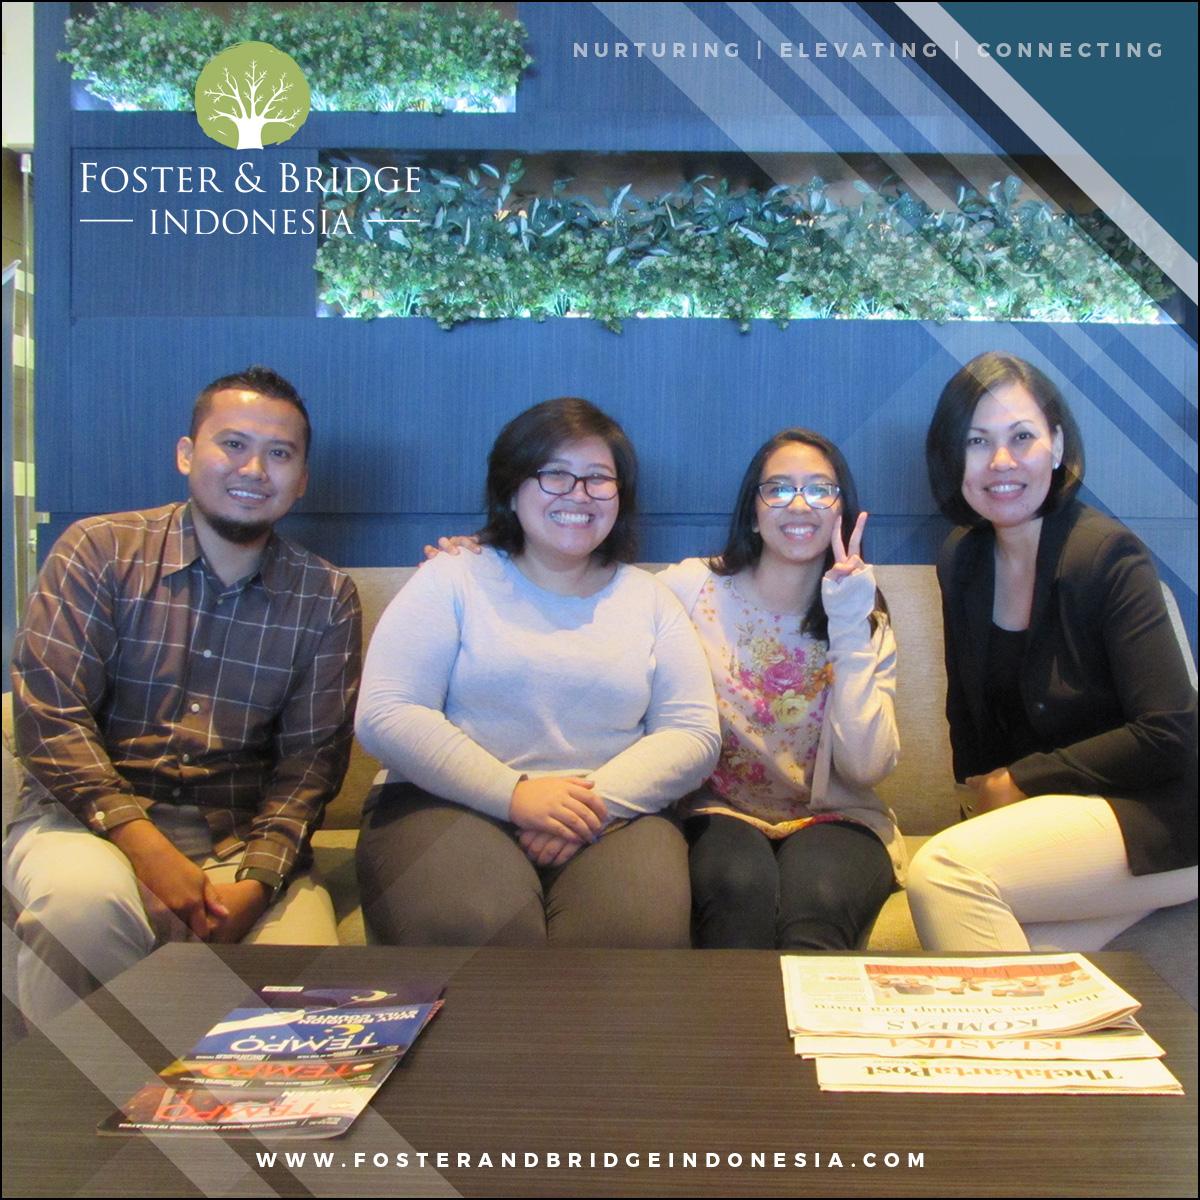 Foster & Bridge Indonesia Classes